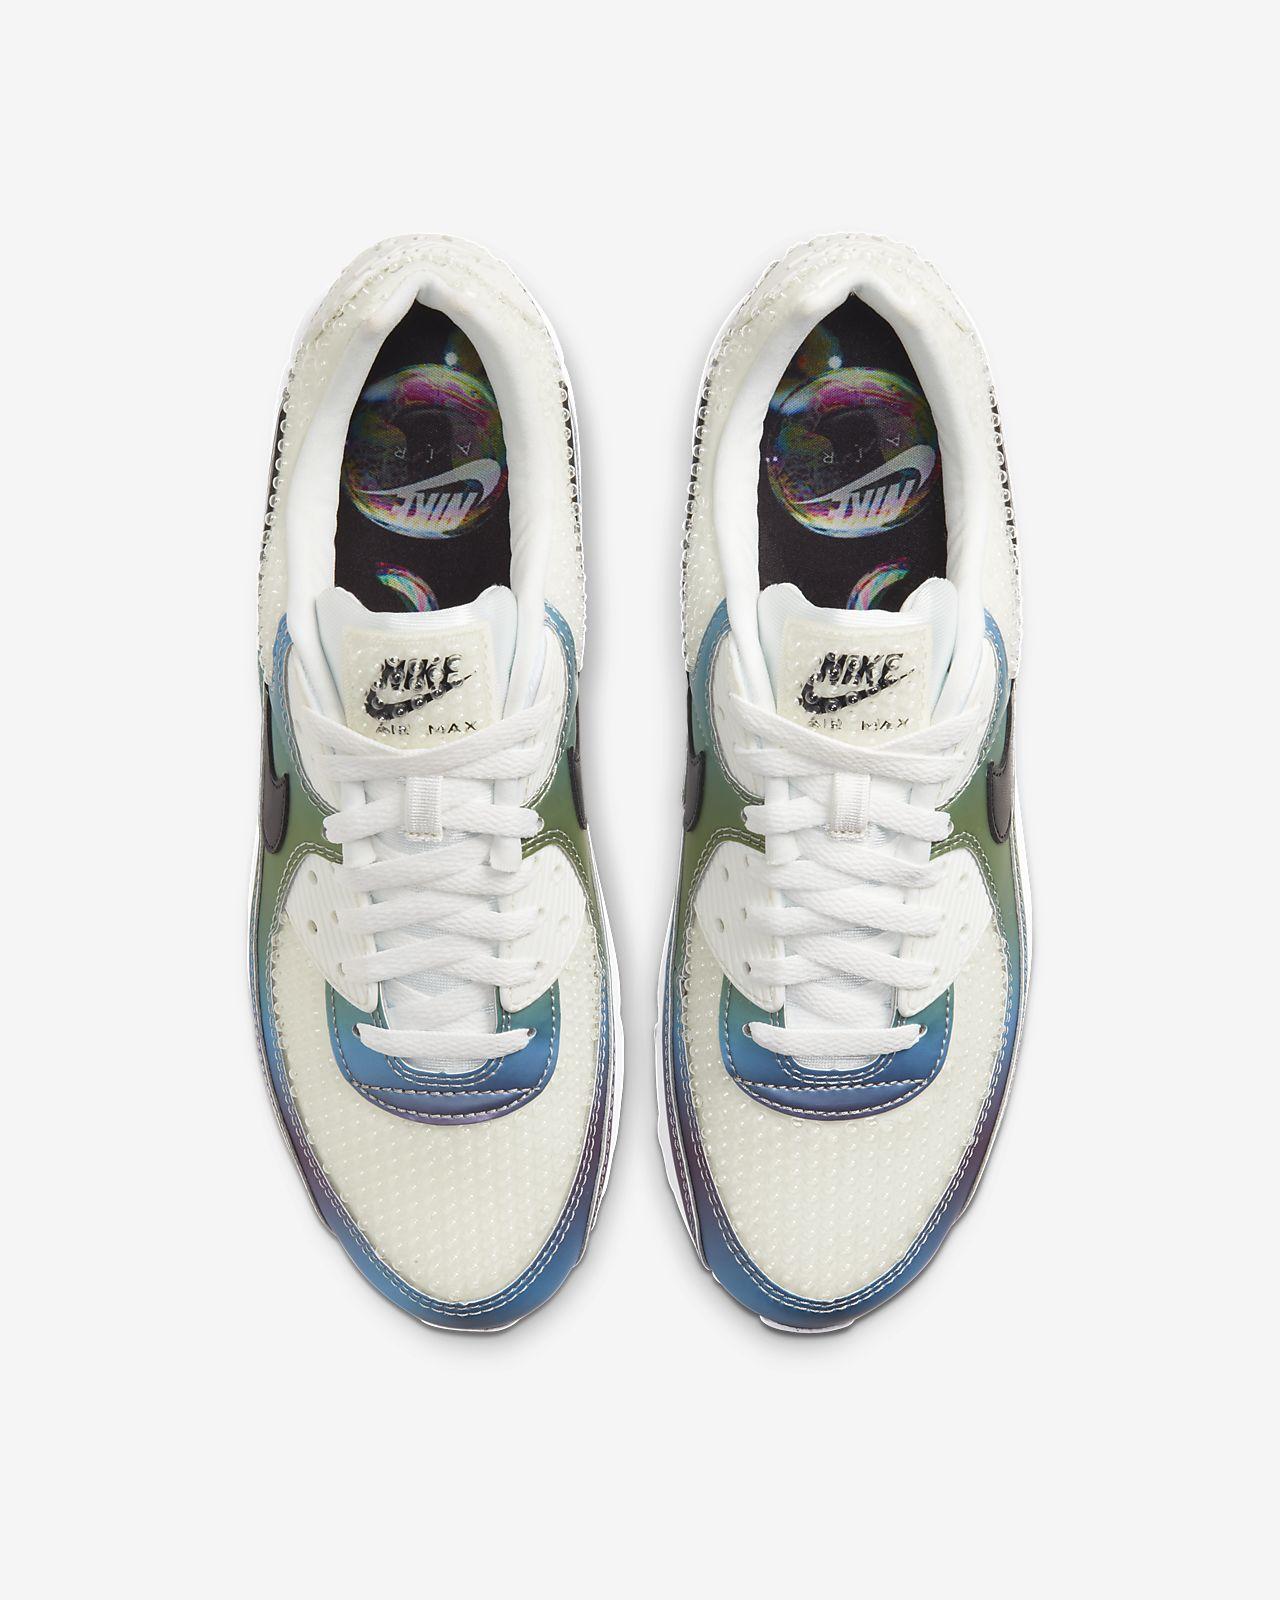 Air Nike Max 90 Chaussure 20 pour Homme zSUMVpLqG